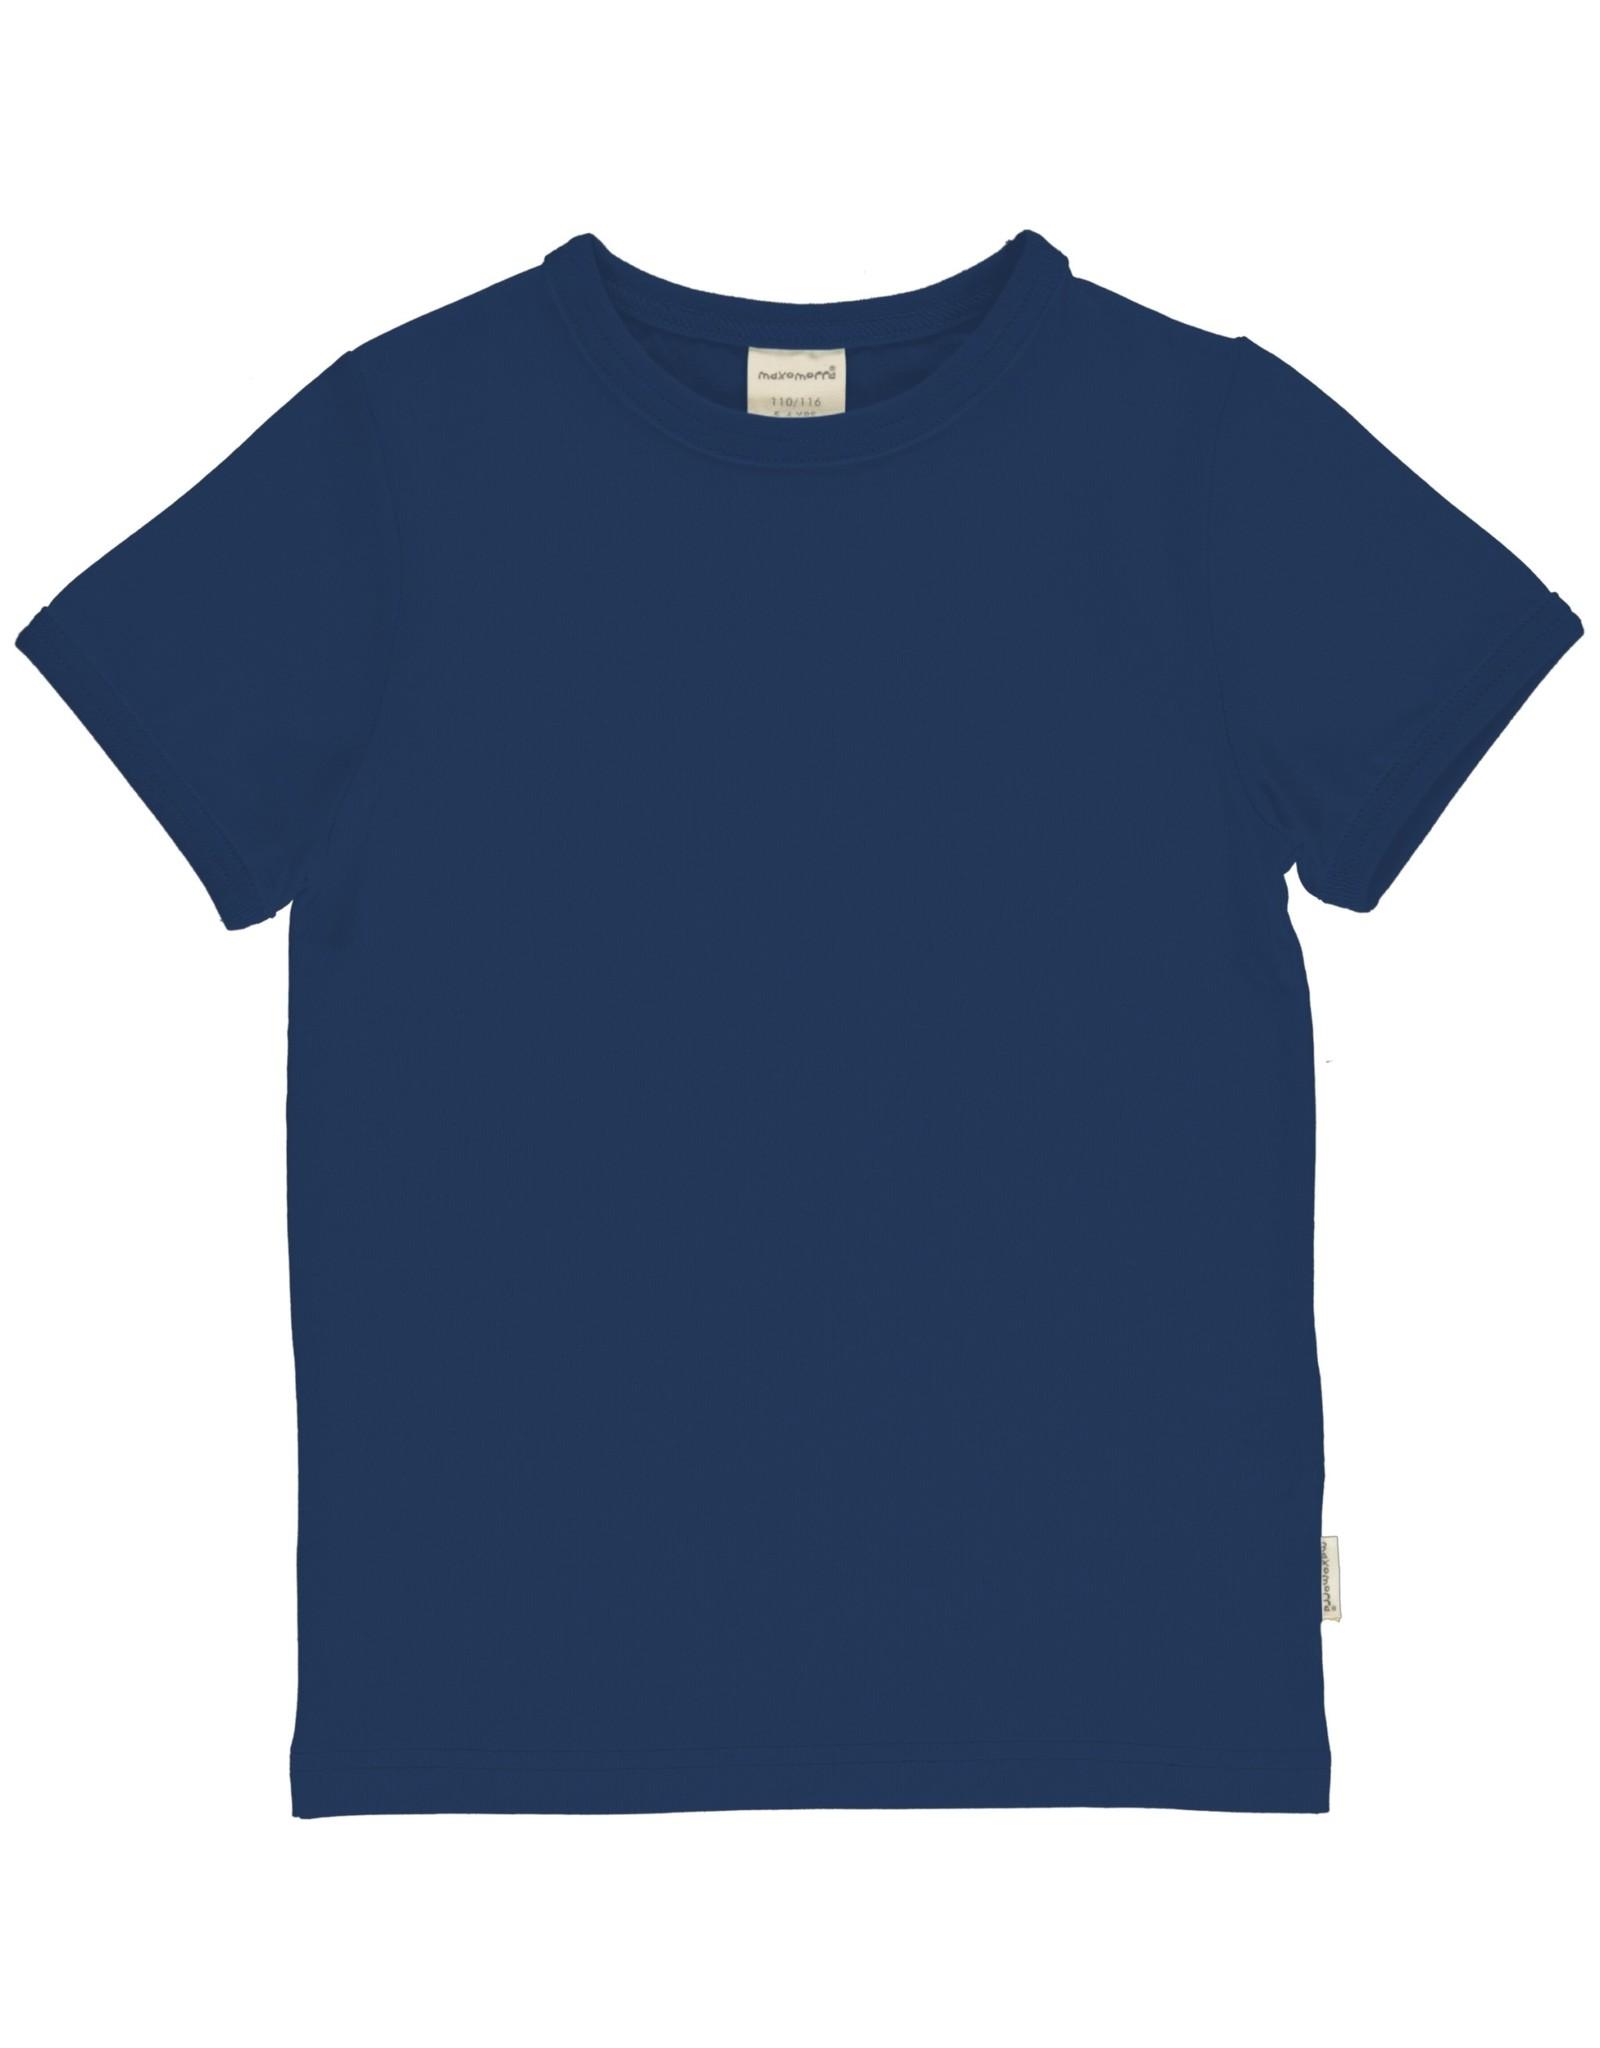 Maxomorra Effen blauwe t-shirt